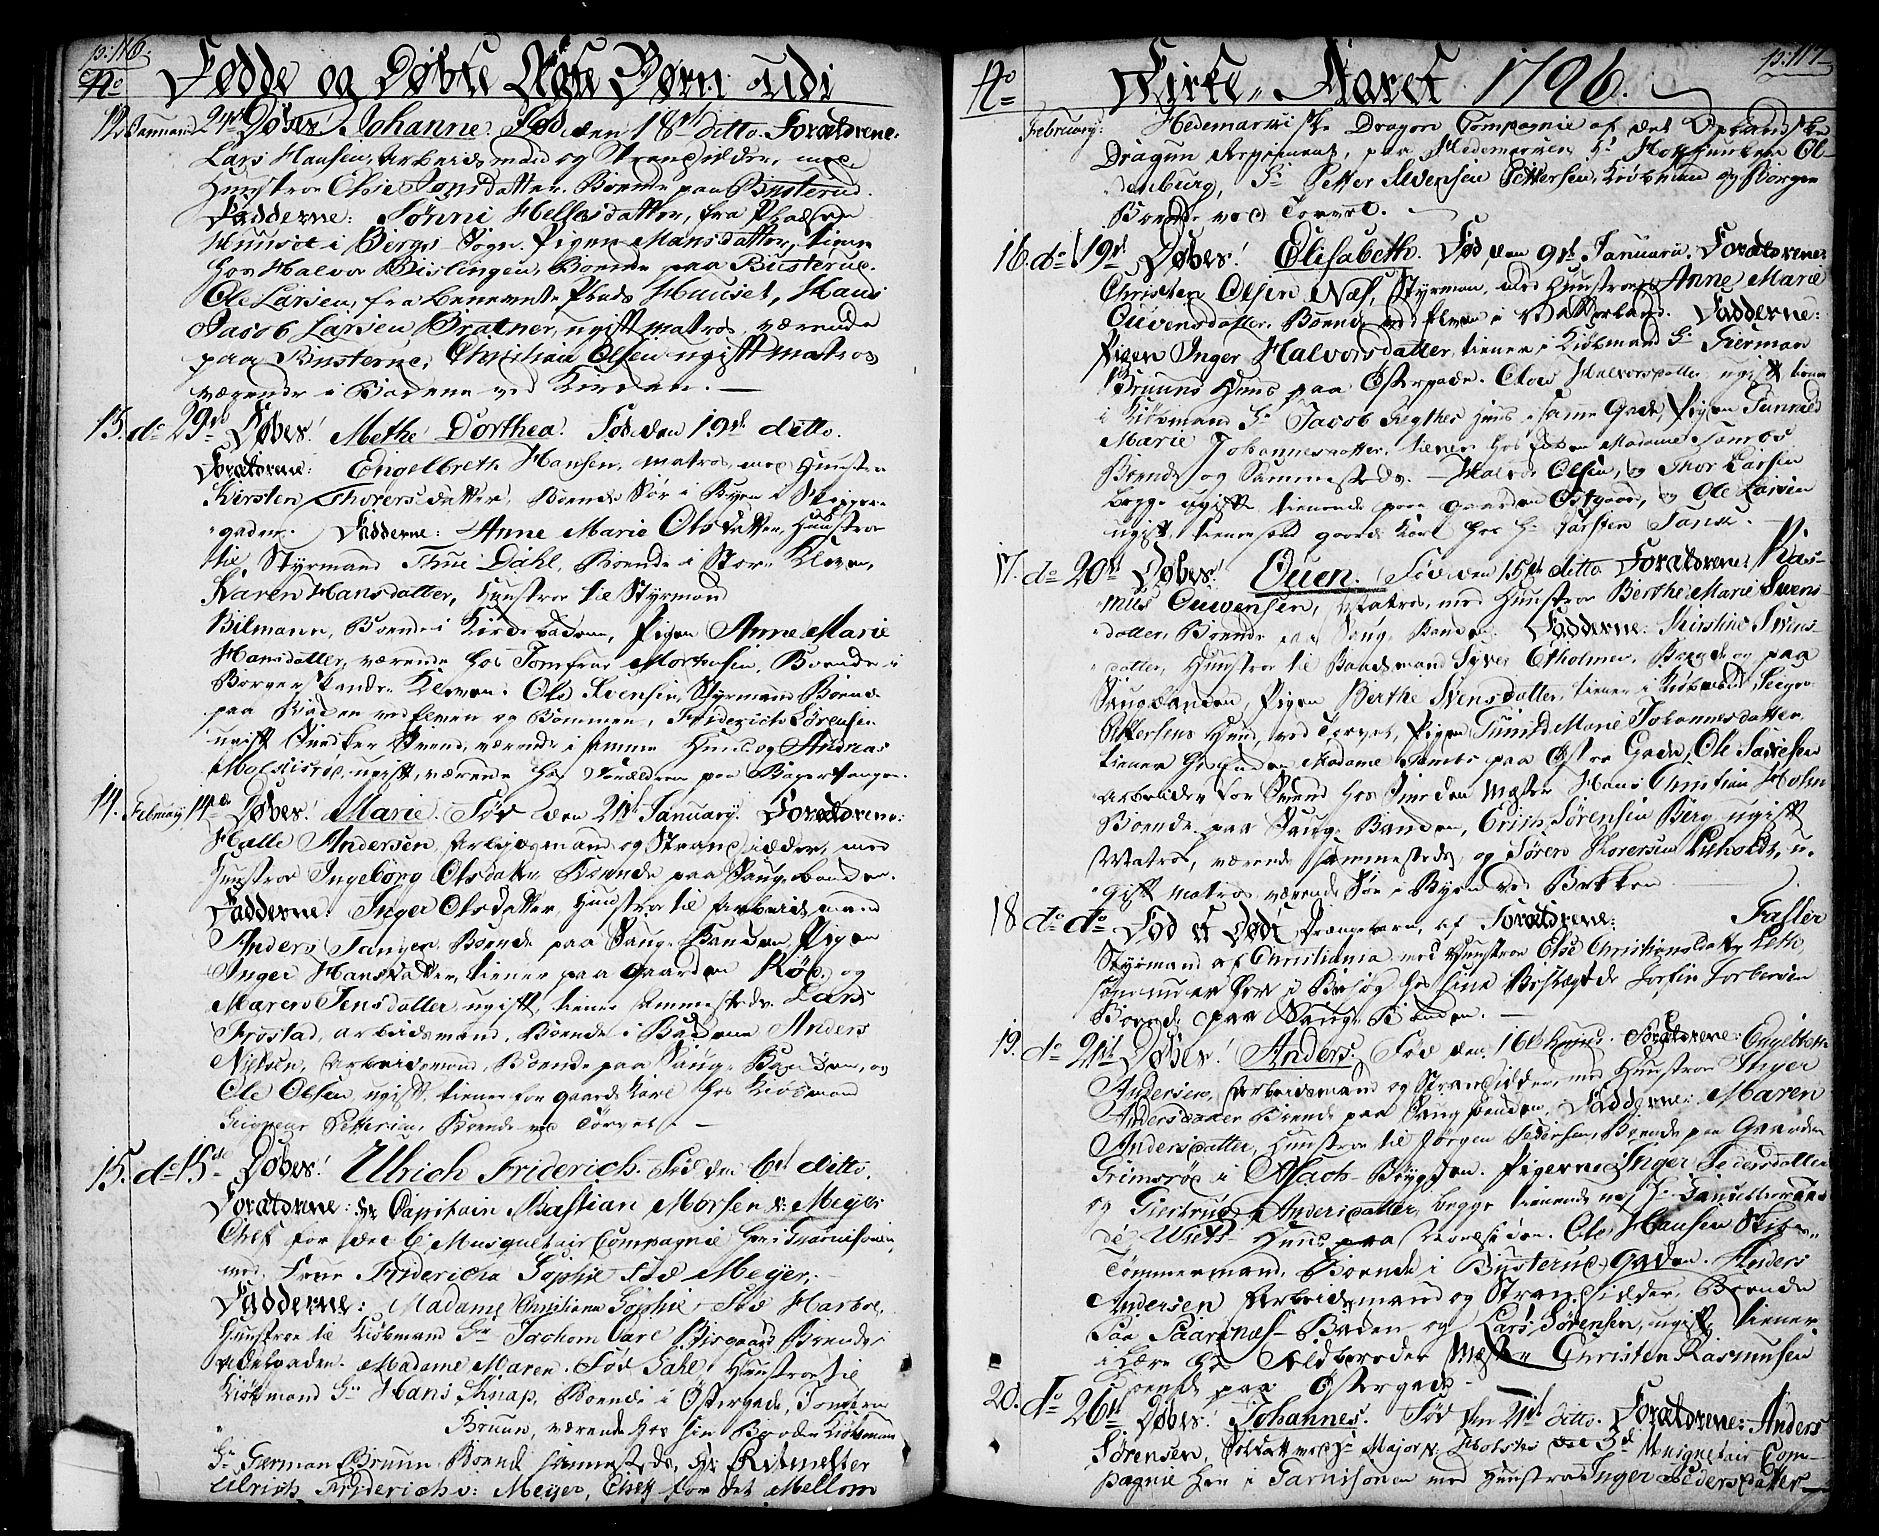 SAO, Halden prestekontor Kirkebøker, F/Fa/L0002: Ministerialbok nr. I 2, 1792-1812, s. 116-117